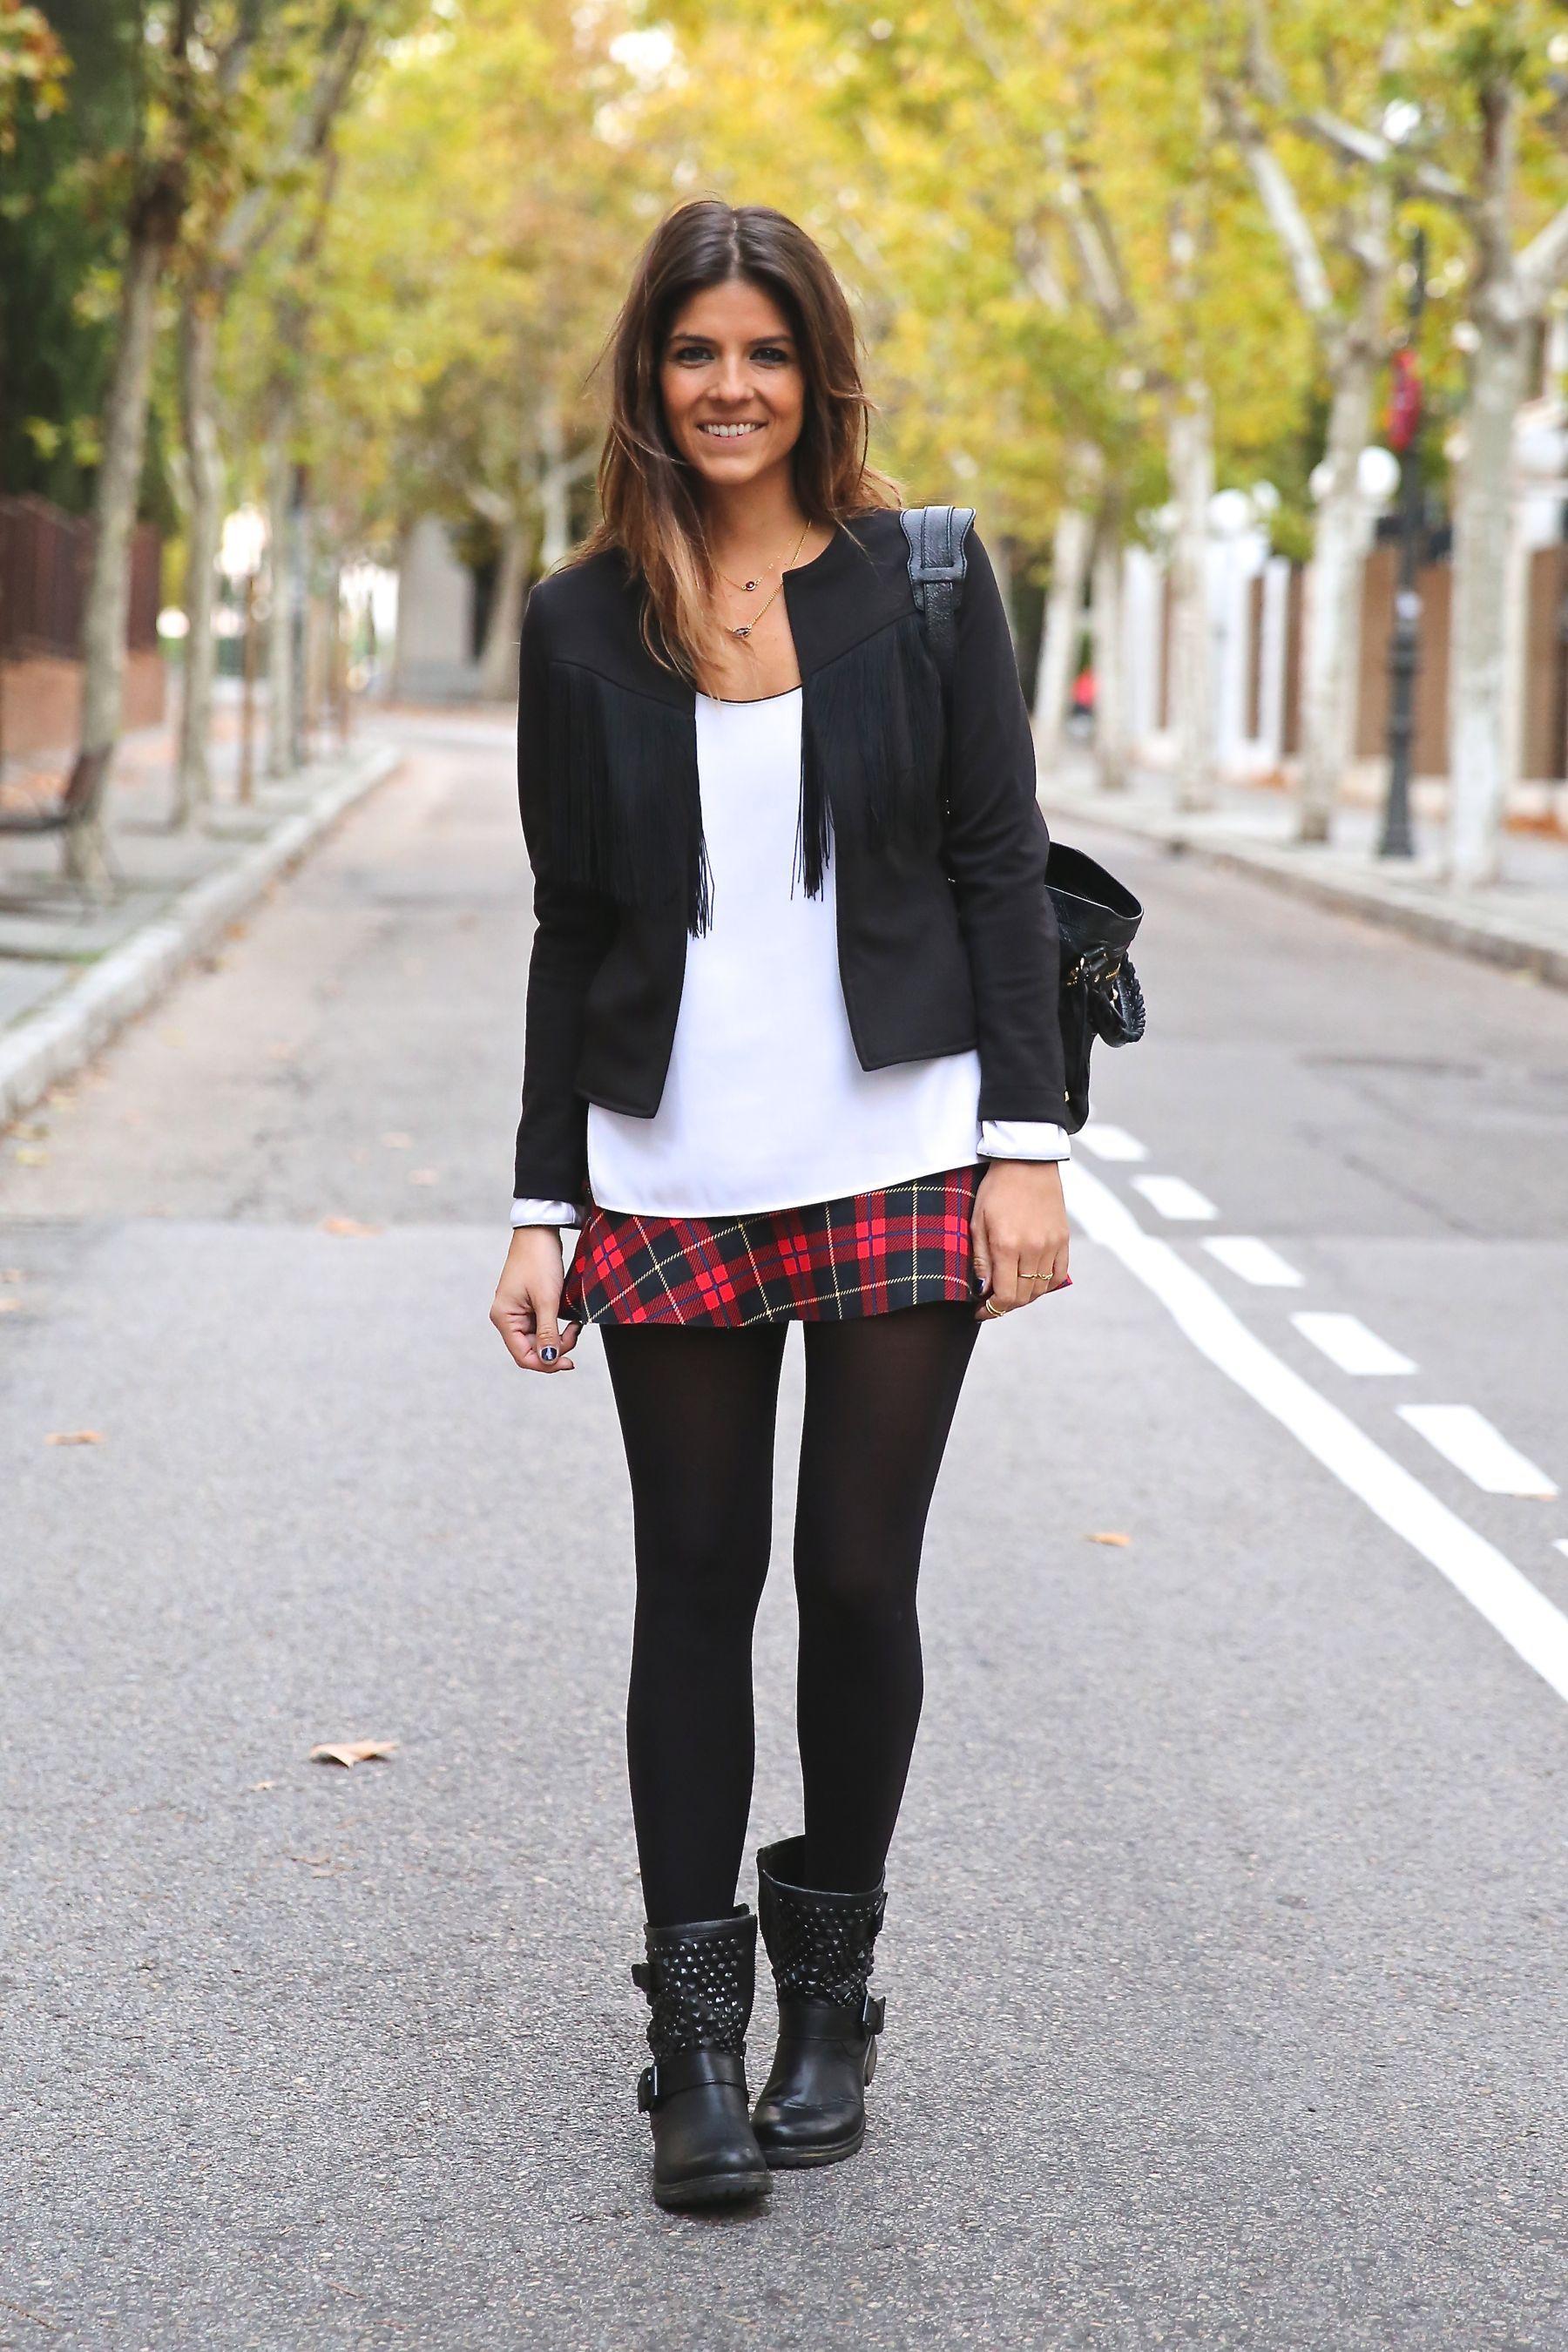 Chaqueta/Jacket: Coosy Blusa/Blouse: Zara Falda/Skirt: Zara Botas